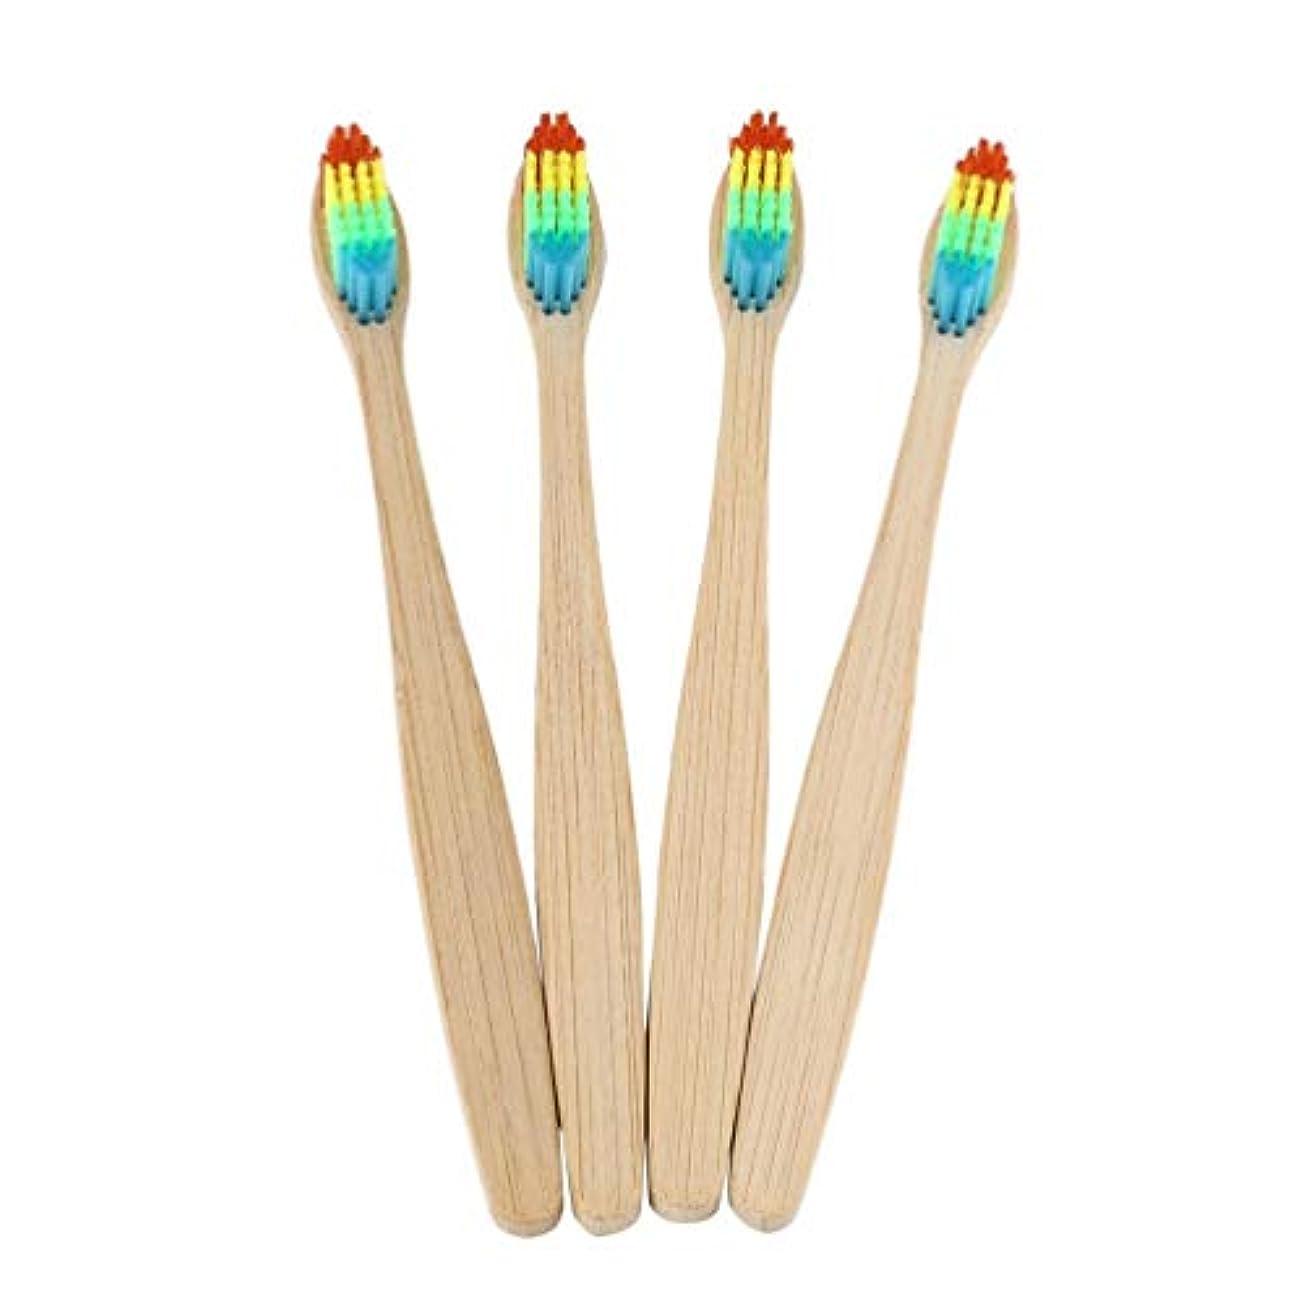 切る舌な回転させるカラフルな髪+竹のハンドル歯ブラシ環境木製の虹竹の歯ブラシオーラルケアソフト剛毛ユニセックス - ウッドカラー+カラフル